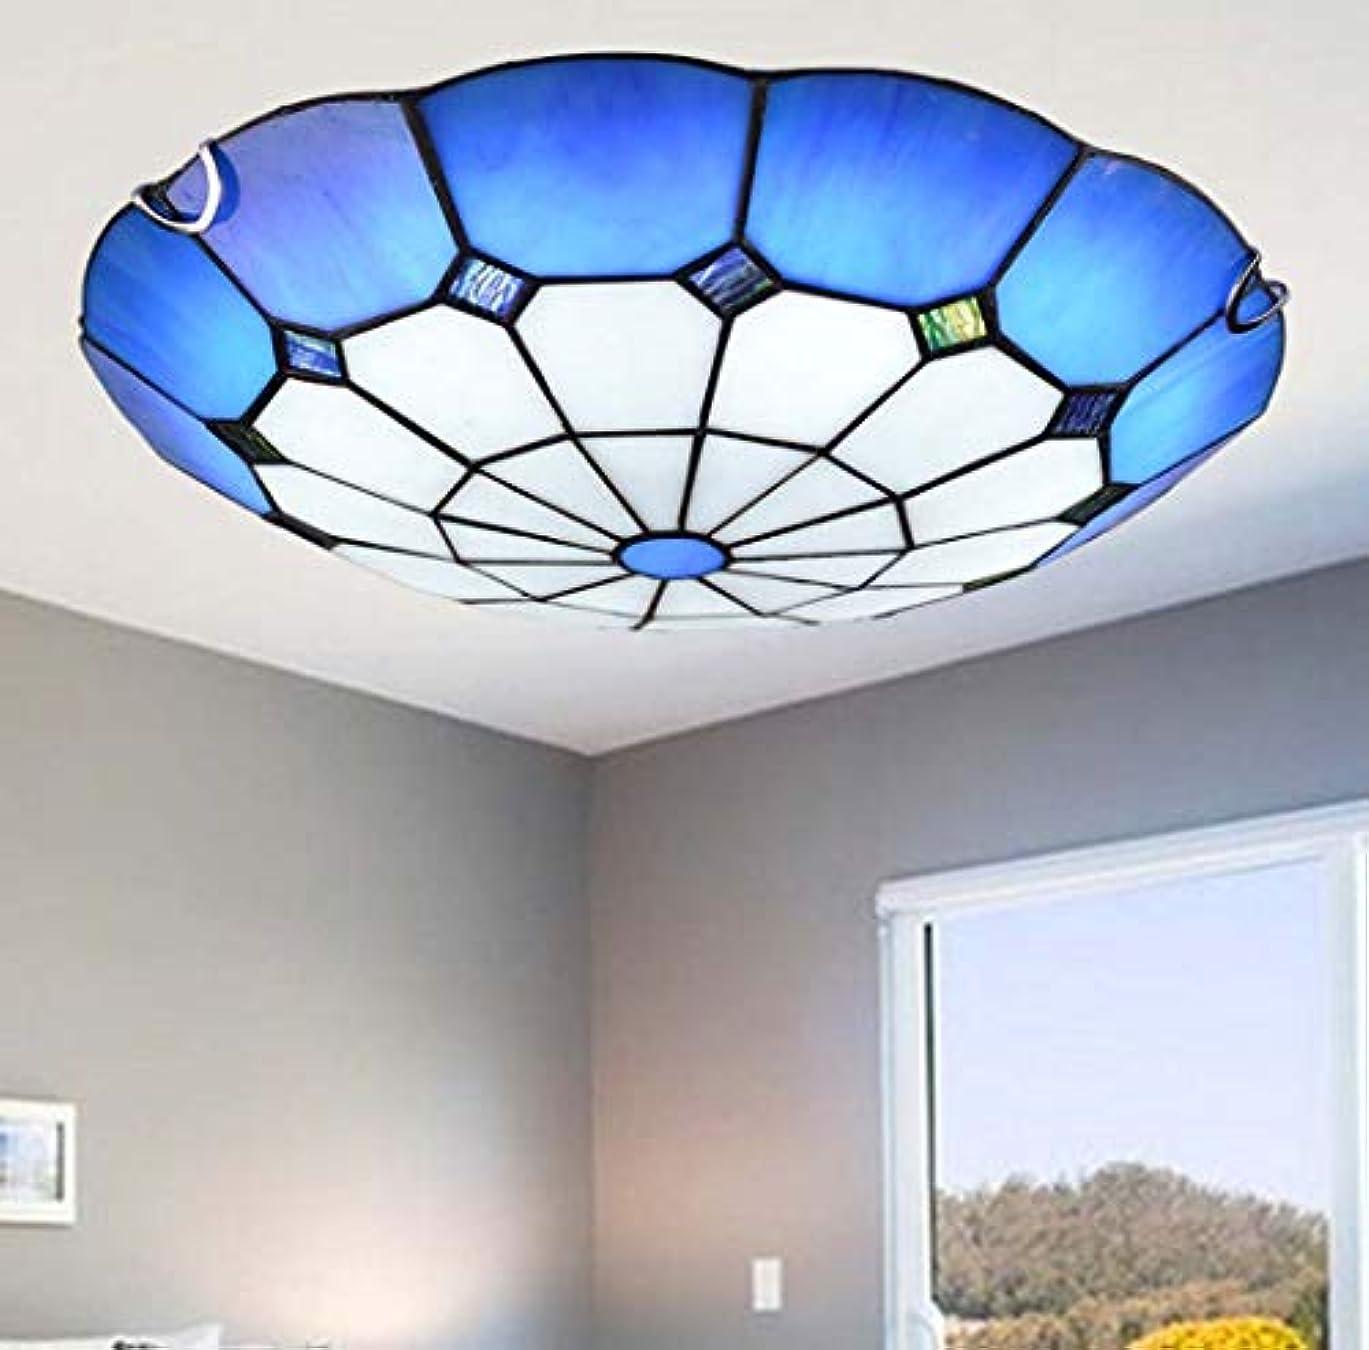 下手パンフレット頭シンプルなティファニースタイルのLEDシーリングライト、手作りの青いステンドグラスの埋め込みLEDシーリングライト、寝室の照明に適して、LEDチップ、12W / 18W / 24W,Whitelight,50cm